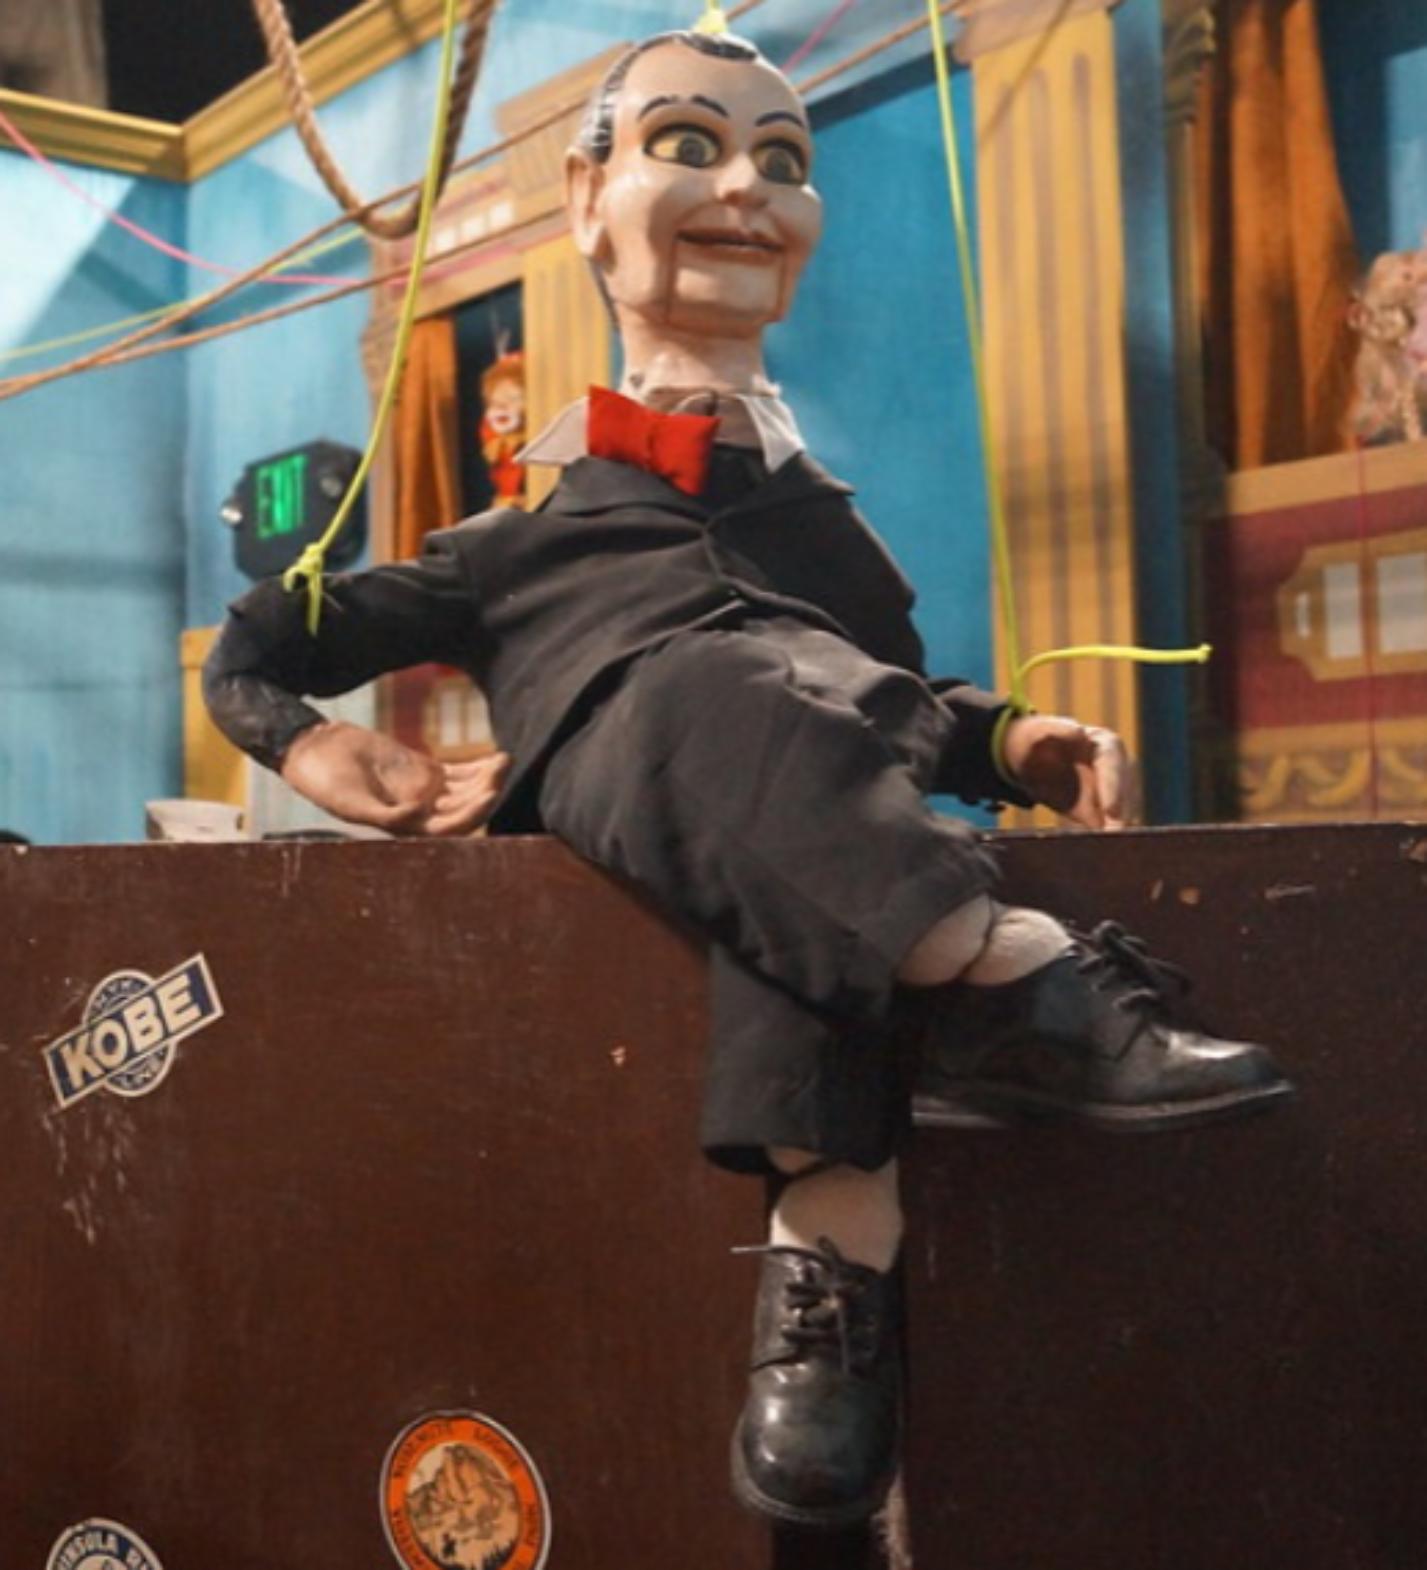 Billy the Dummy